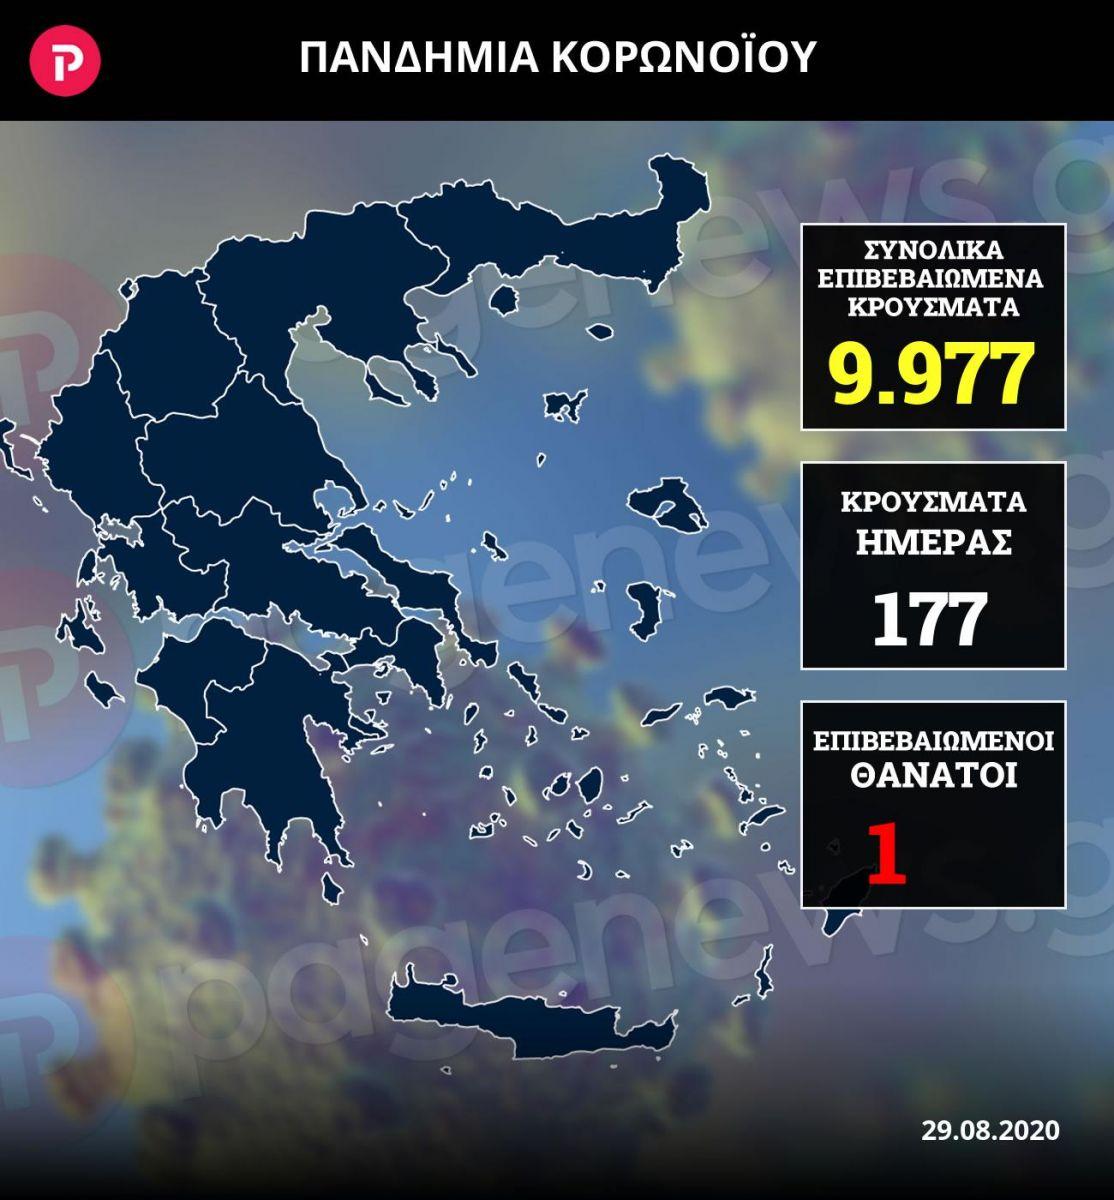 infographic29082020-1114x1200